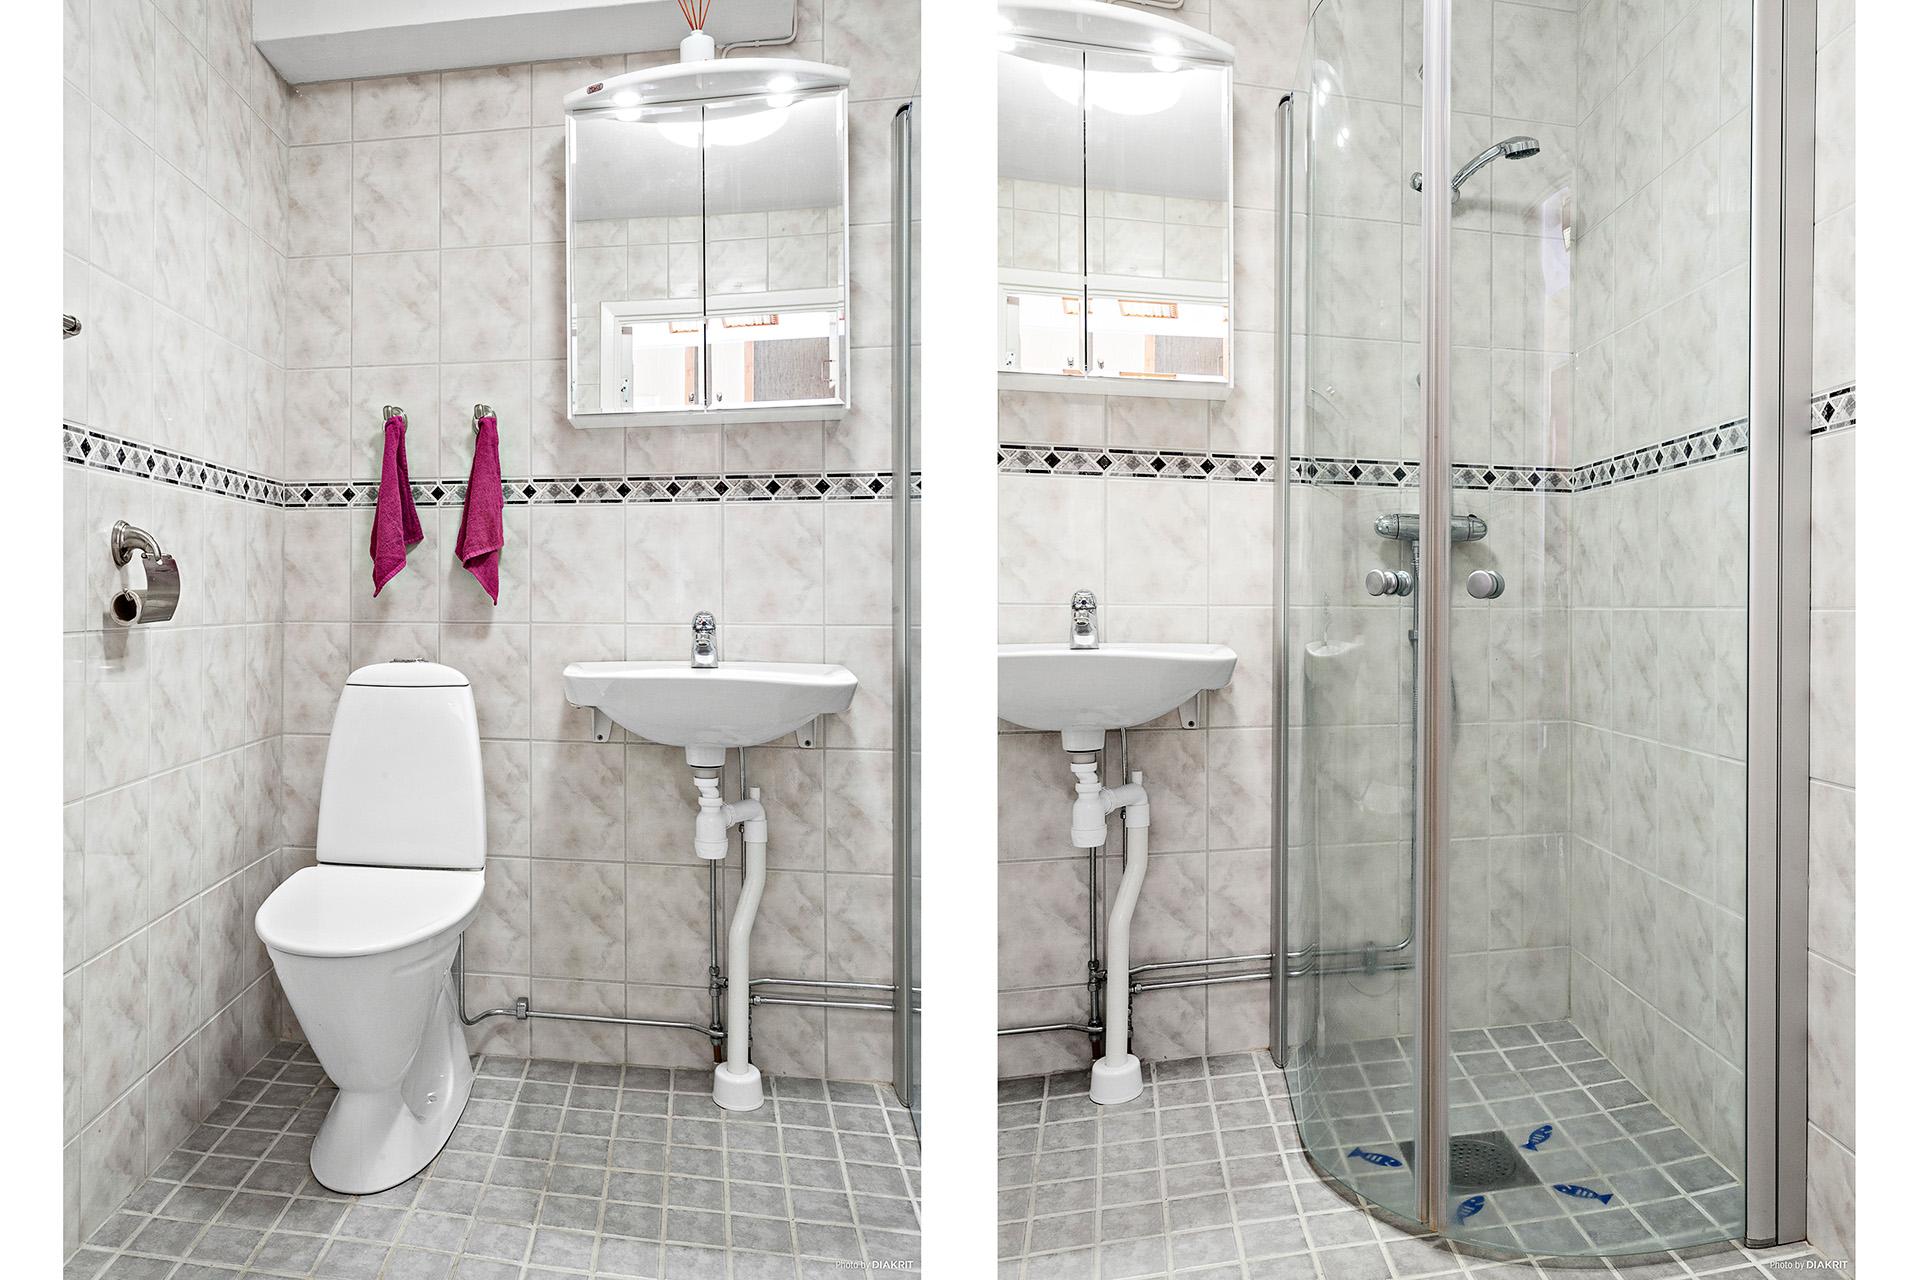 Fräscht och renoverad dusch med golvvärme.